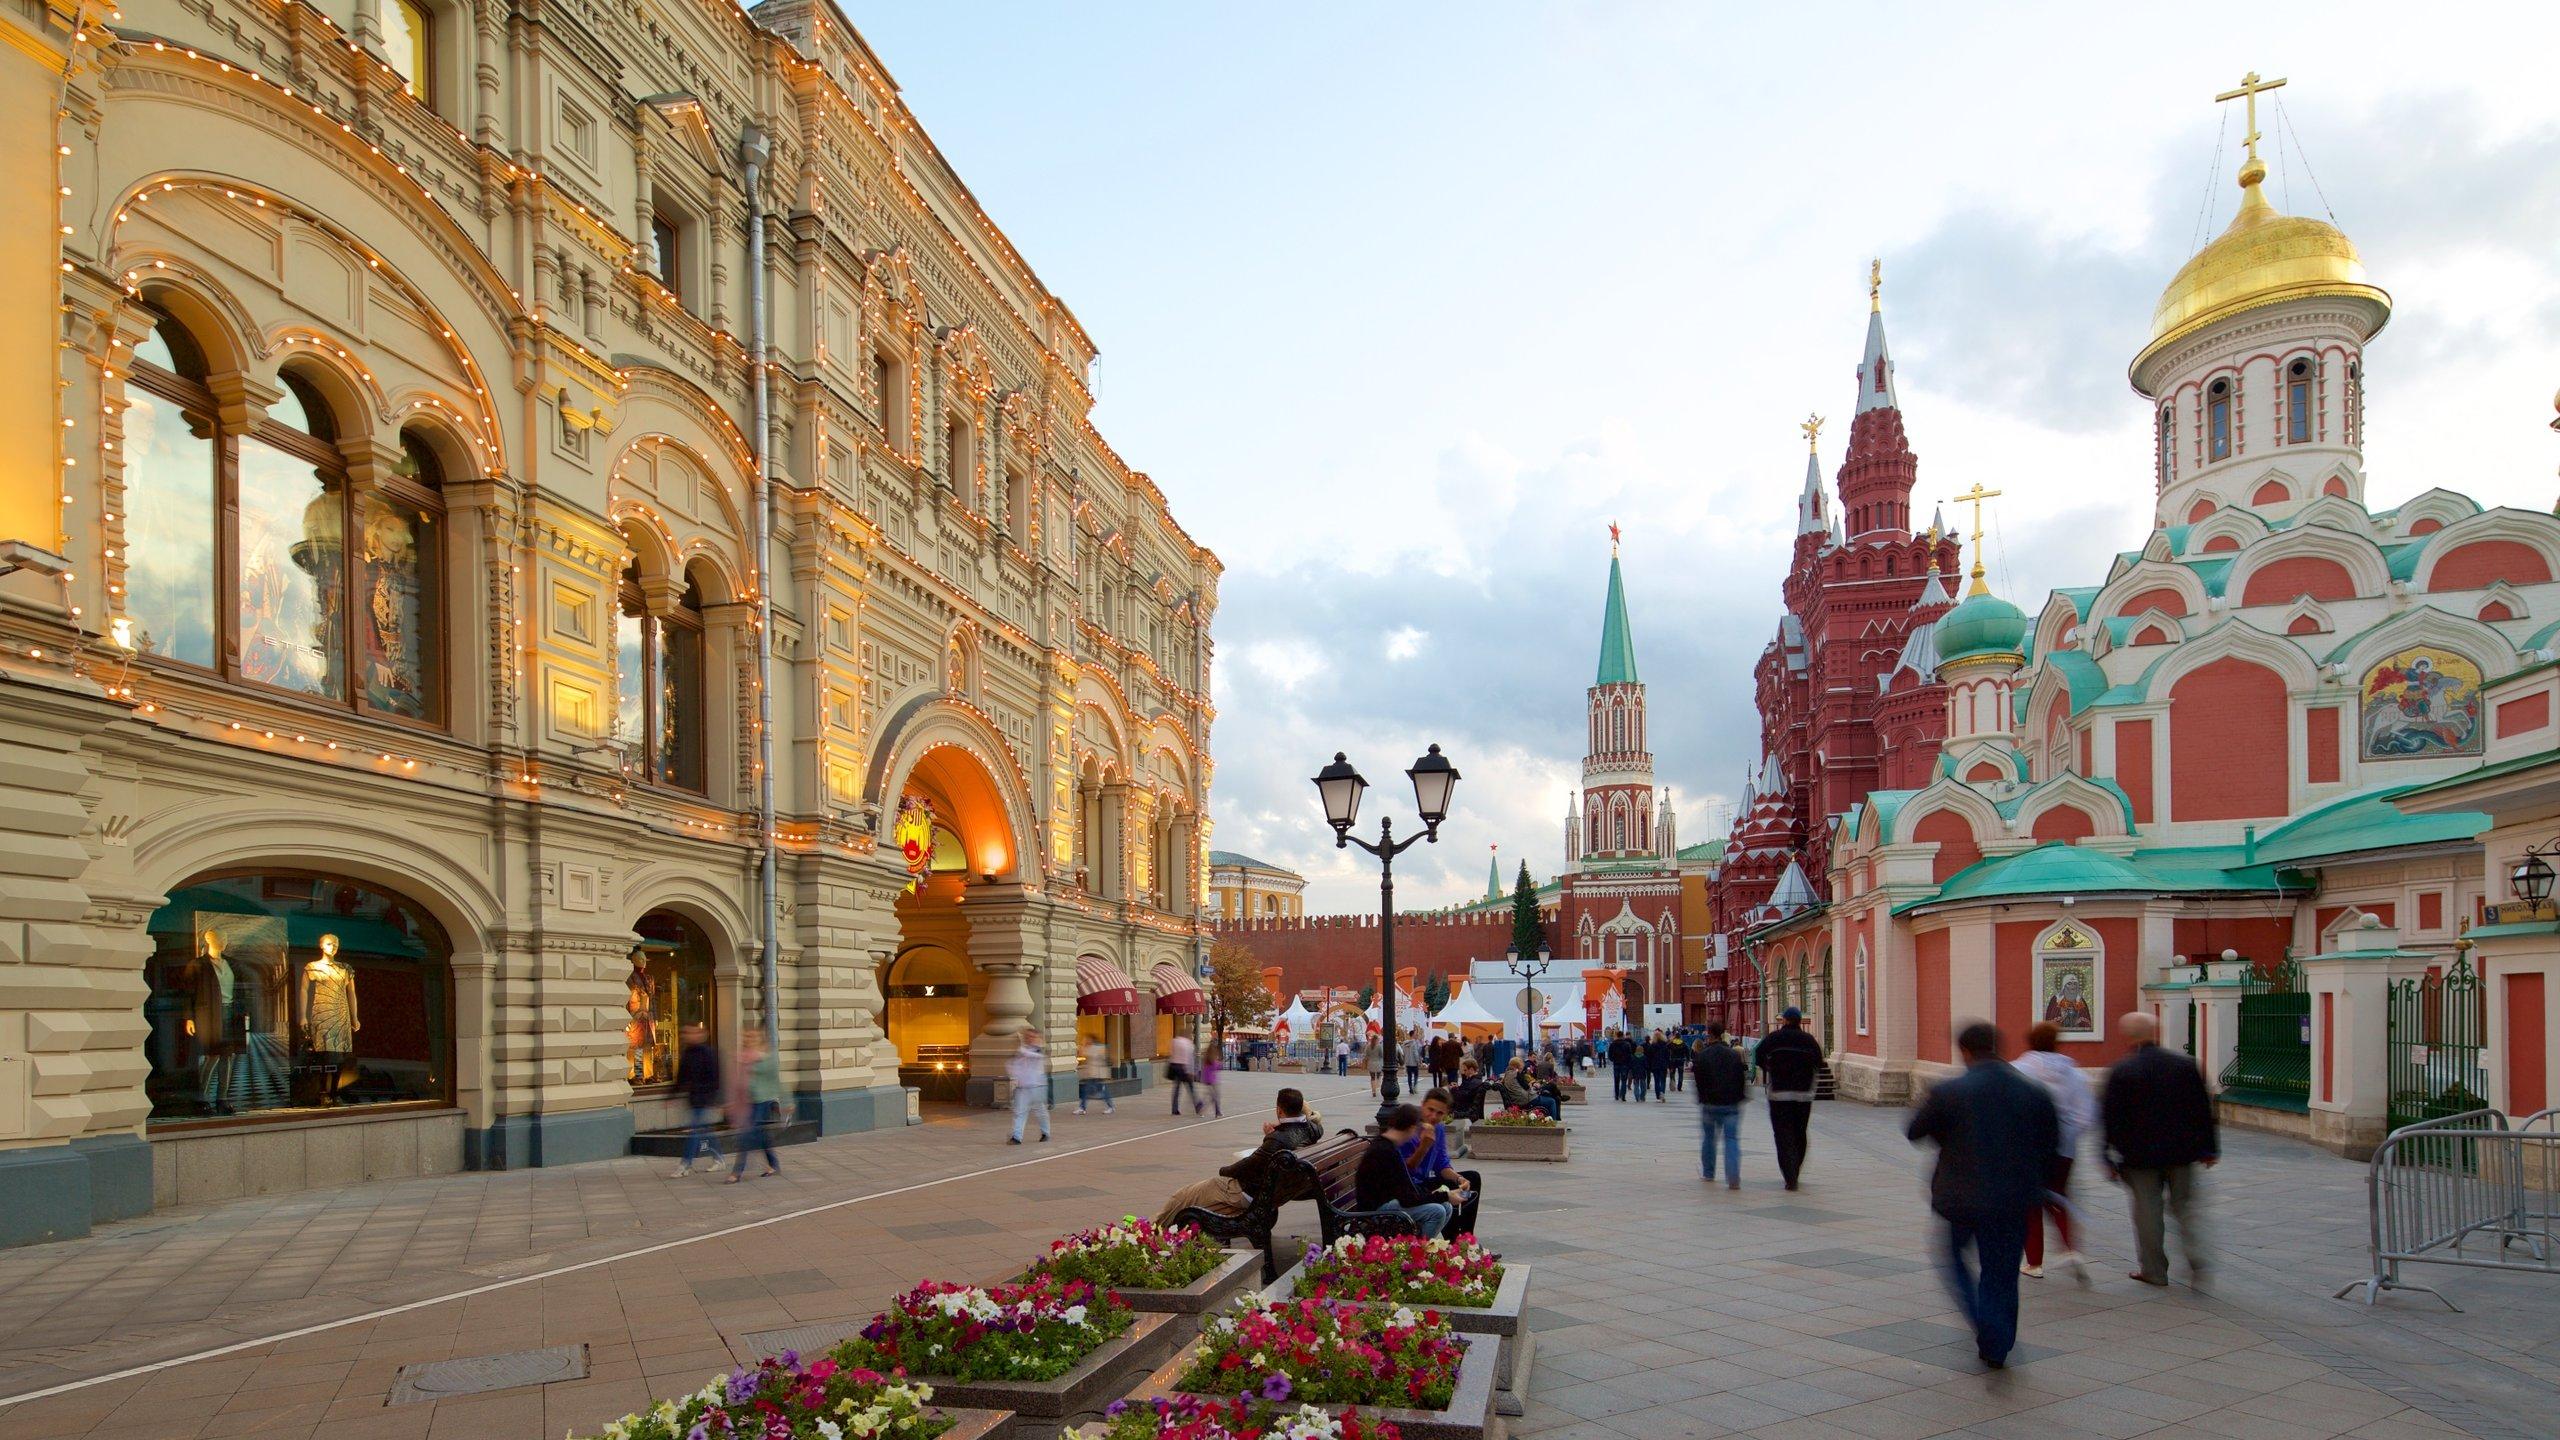 Descubre la historia de Moscú desde uno de sus monumentos más representativos: Plaza Roja. Además, aquí también podrás disfrutar de sus museos y su oferta teatral.